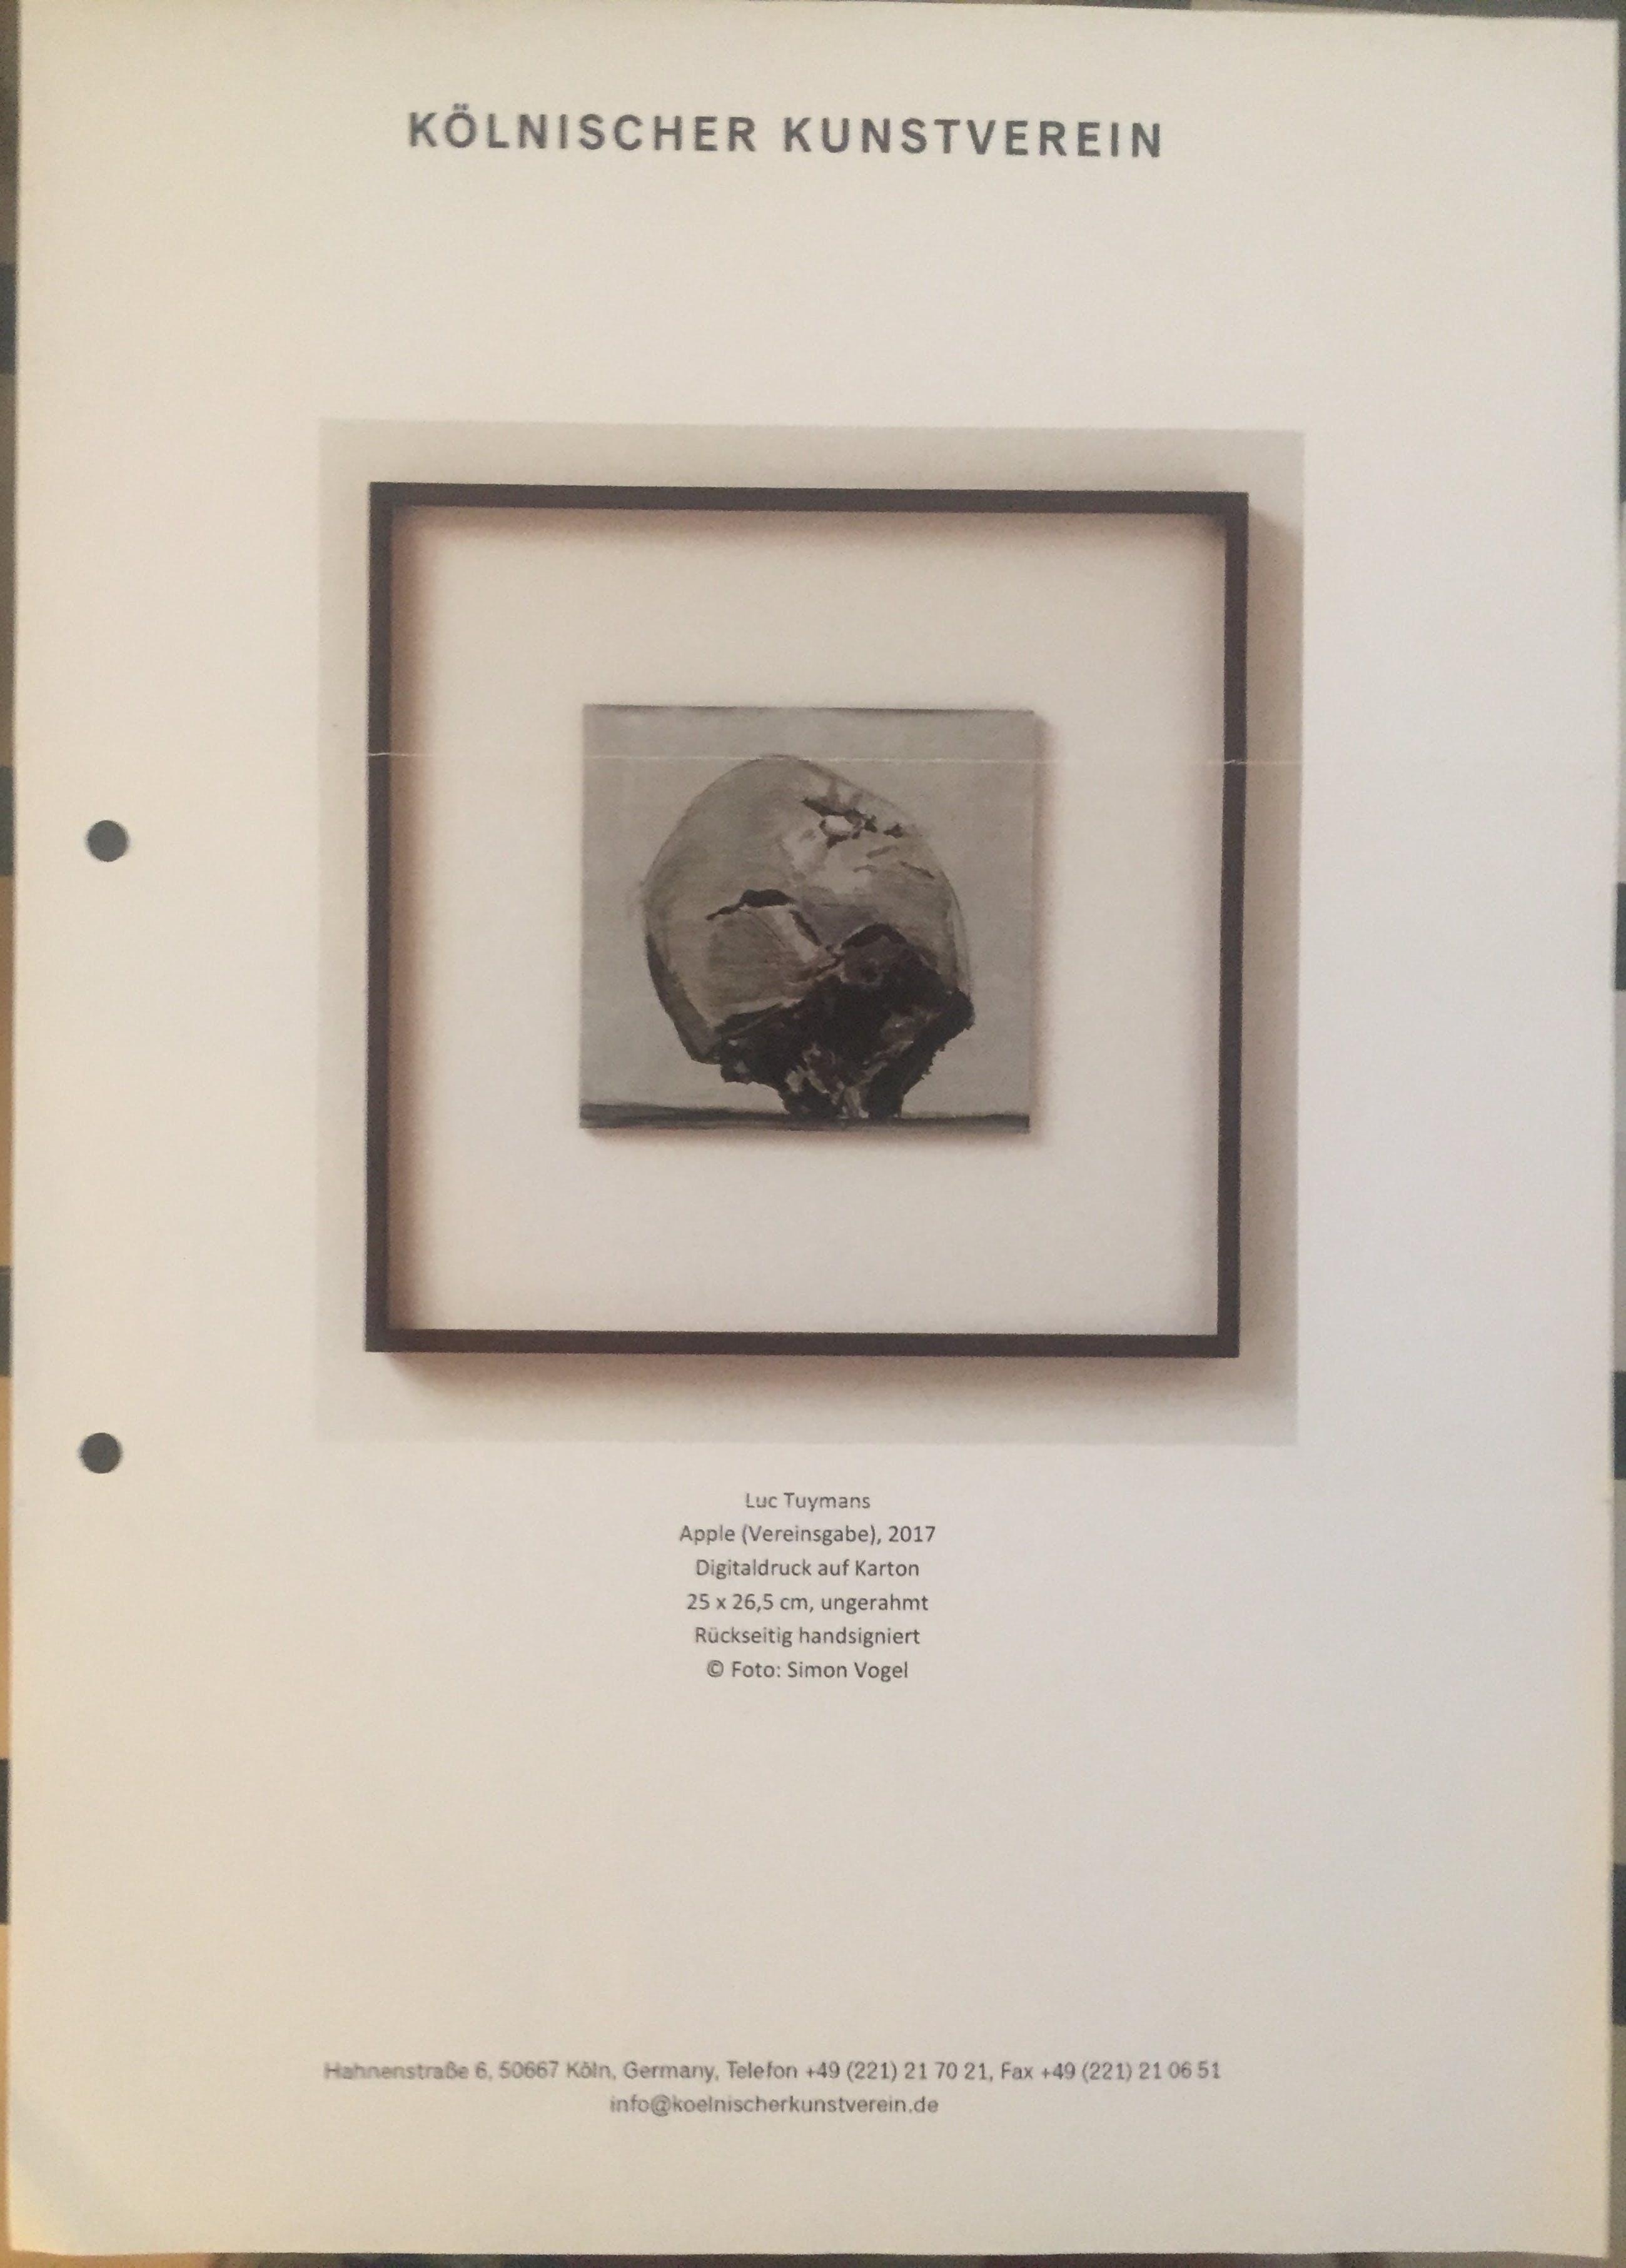 Luc Tuymans - Apple - signiert, exquisit gerahmt, Vereinsgabe Kunstverein kopen? Bied vanaf 850!